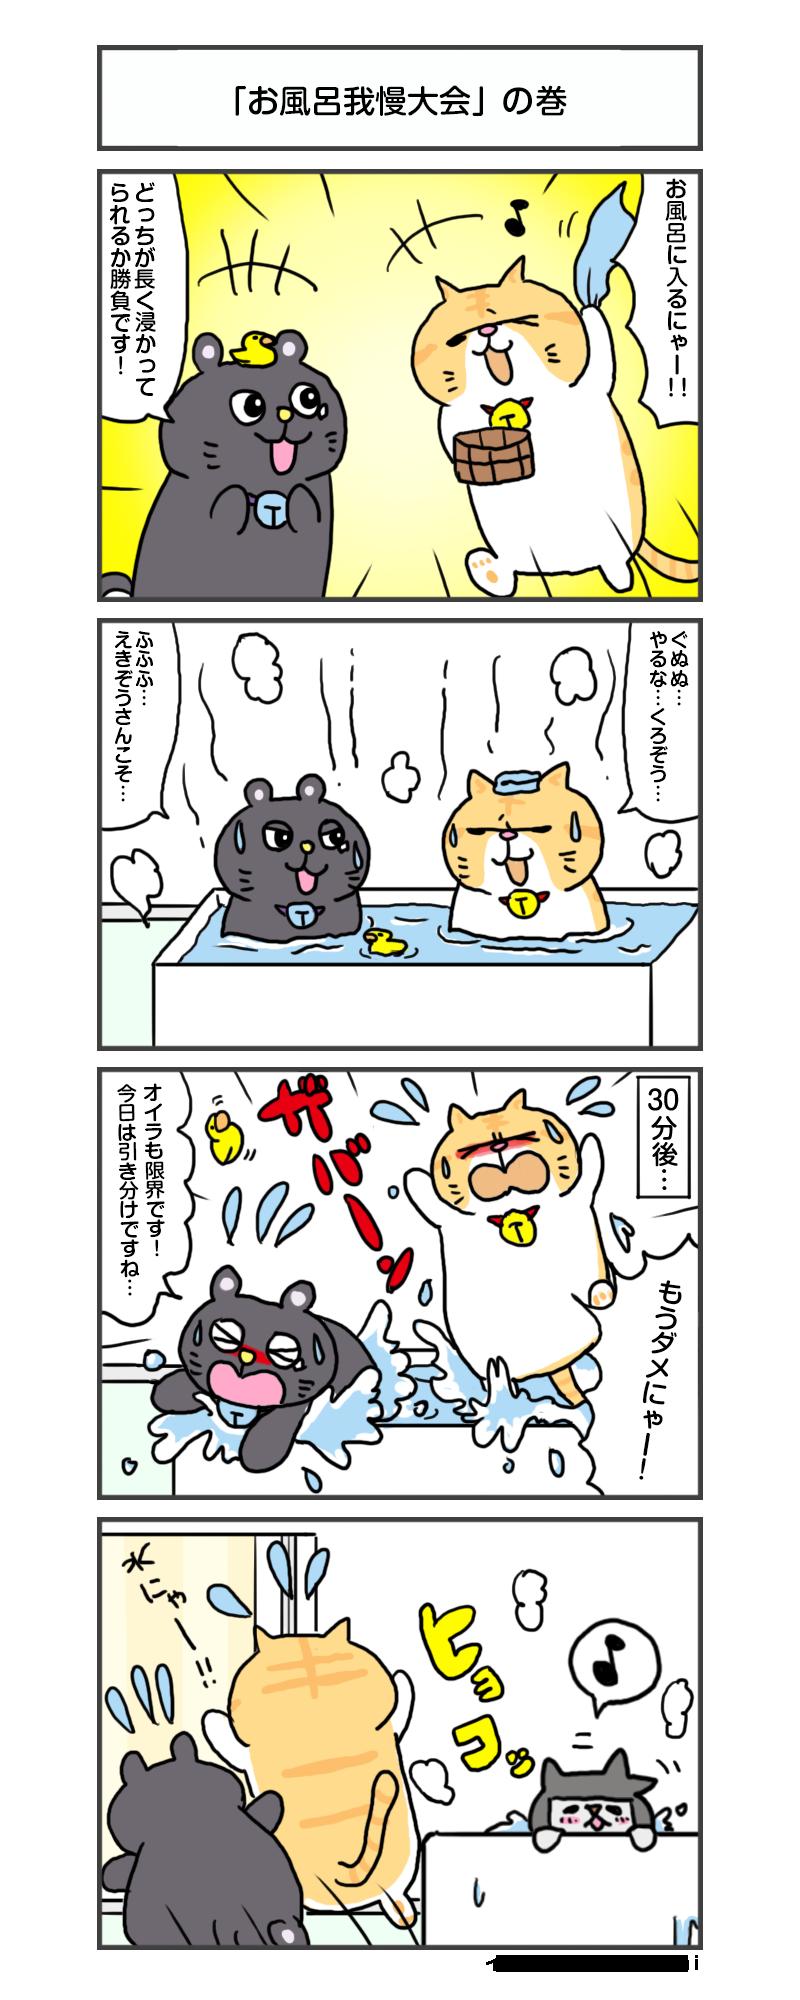 縺医″縺昴y縺・anga_vol.213